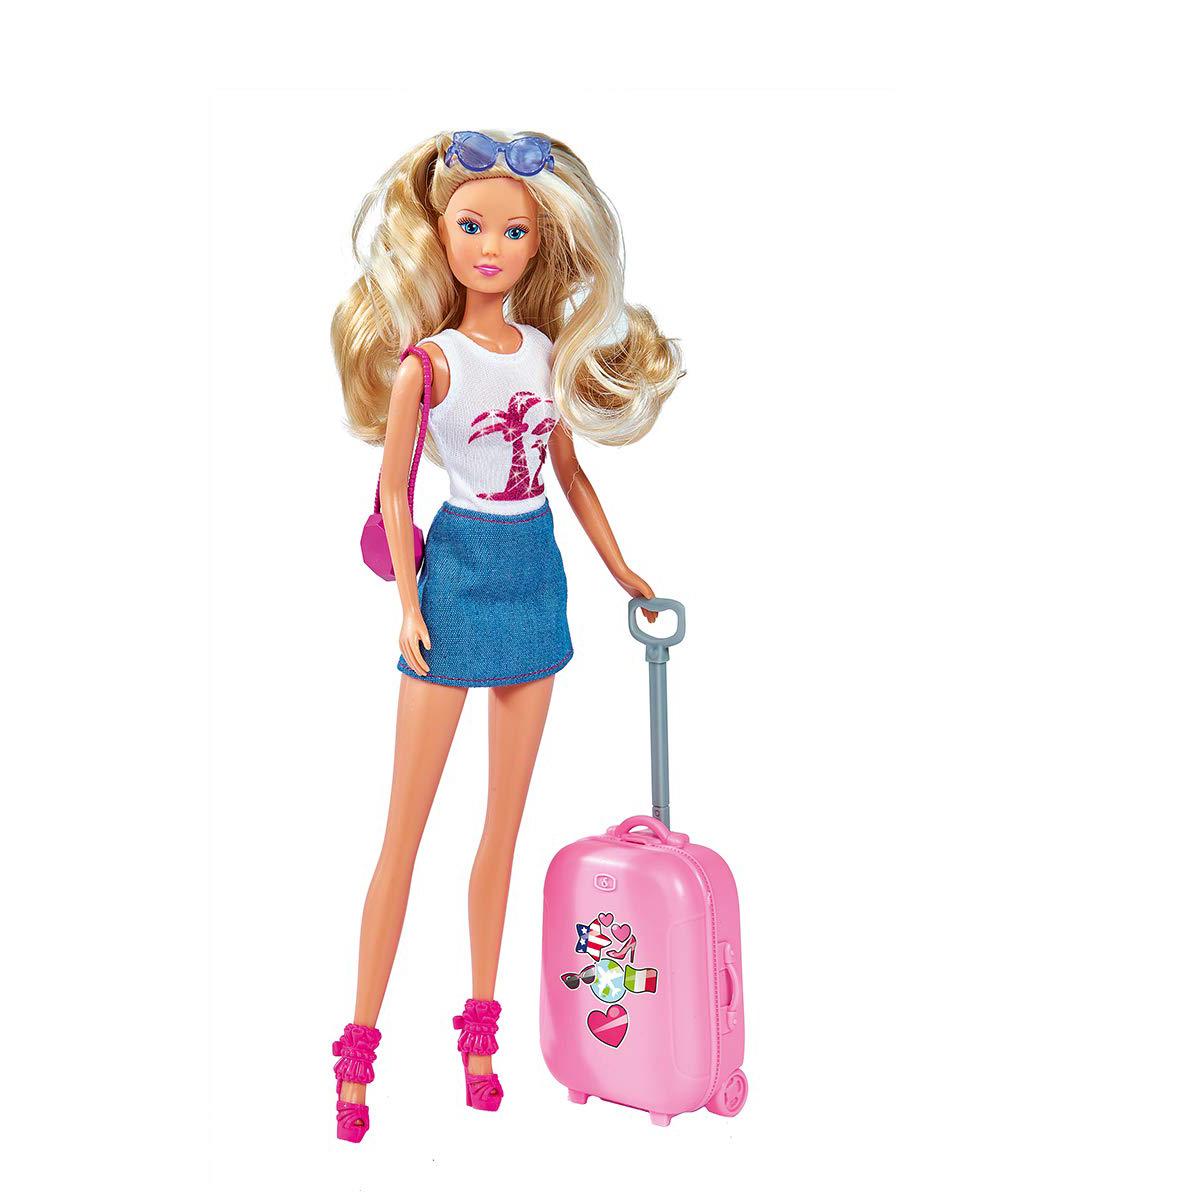 Papusa Steffi Love cu accesorii de vacanta. Travel Fun